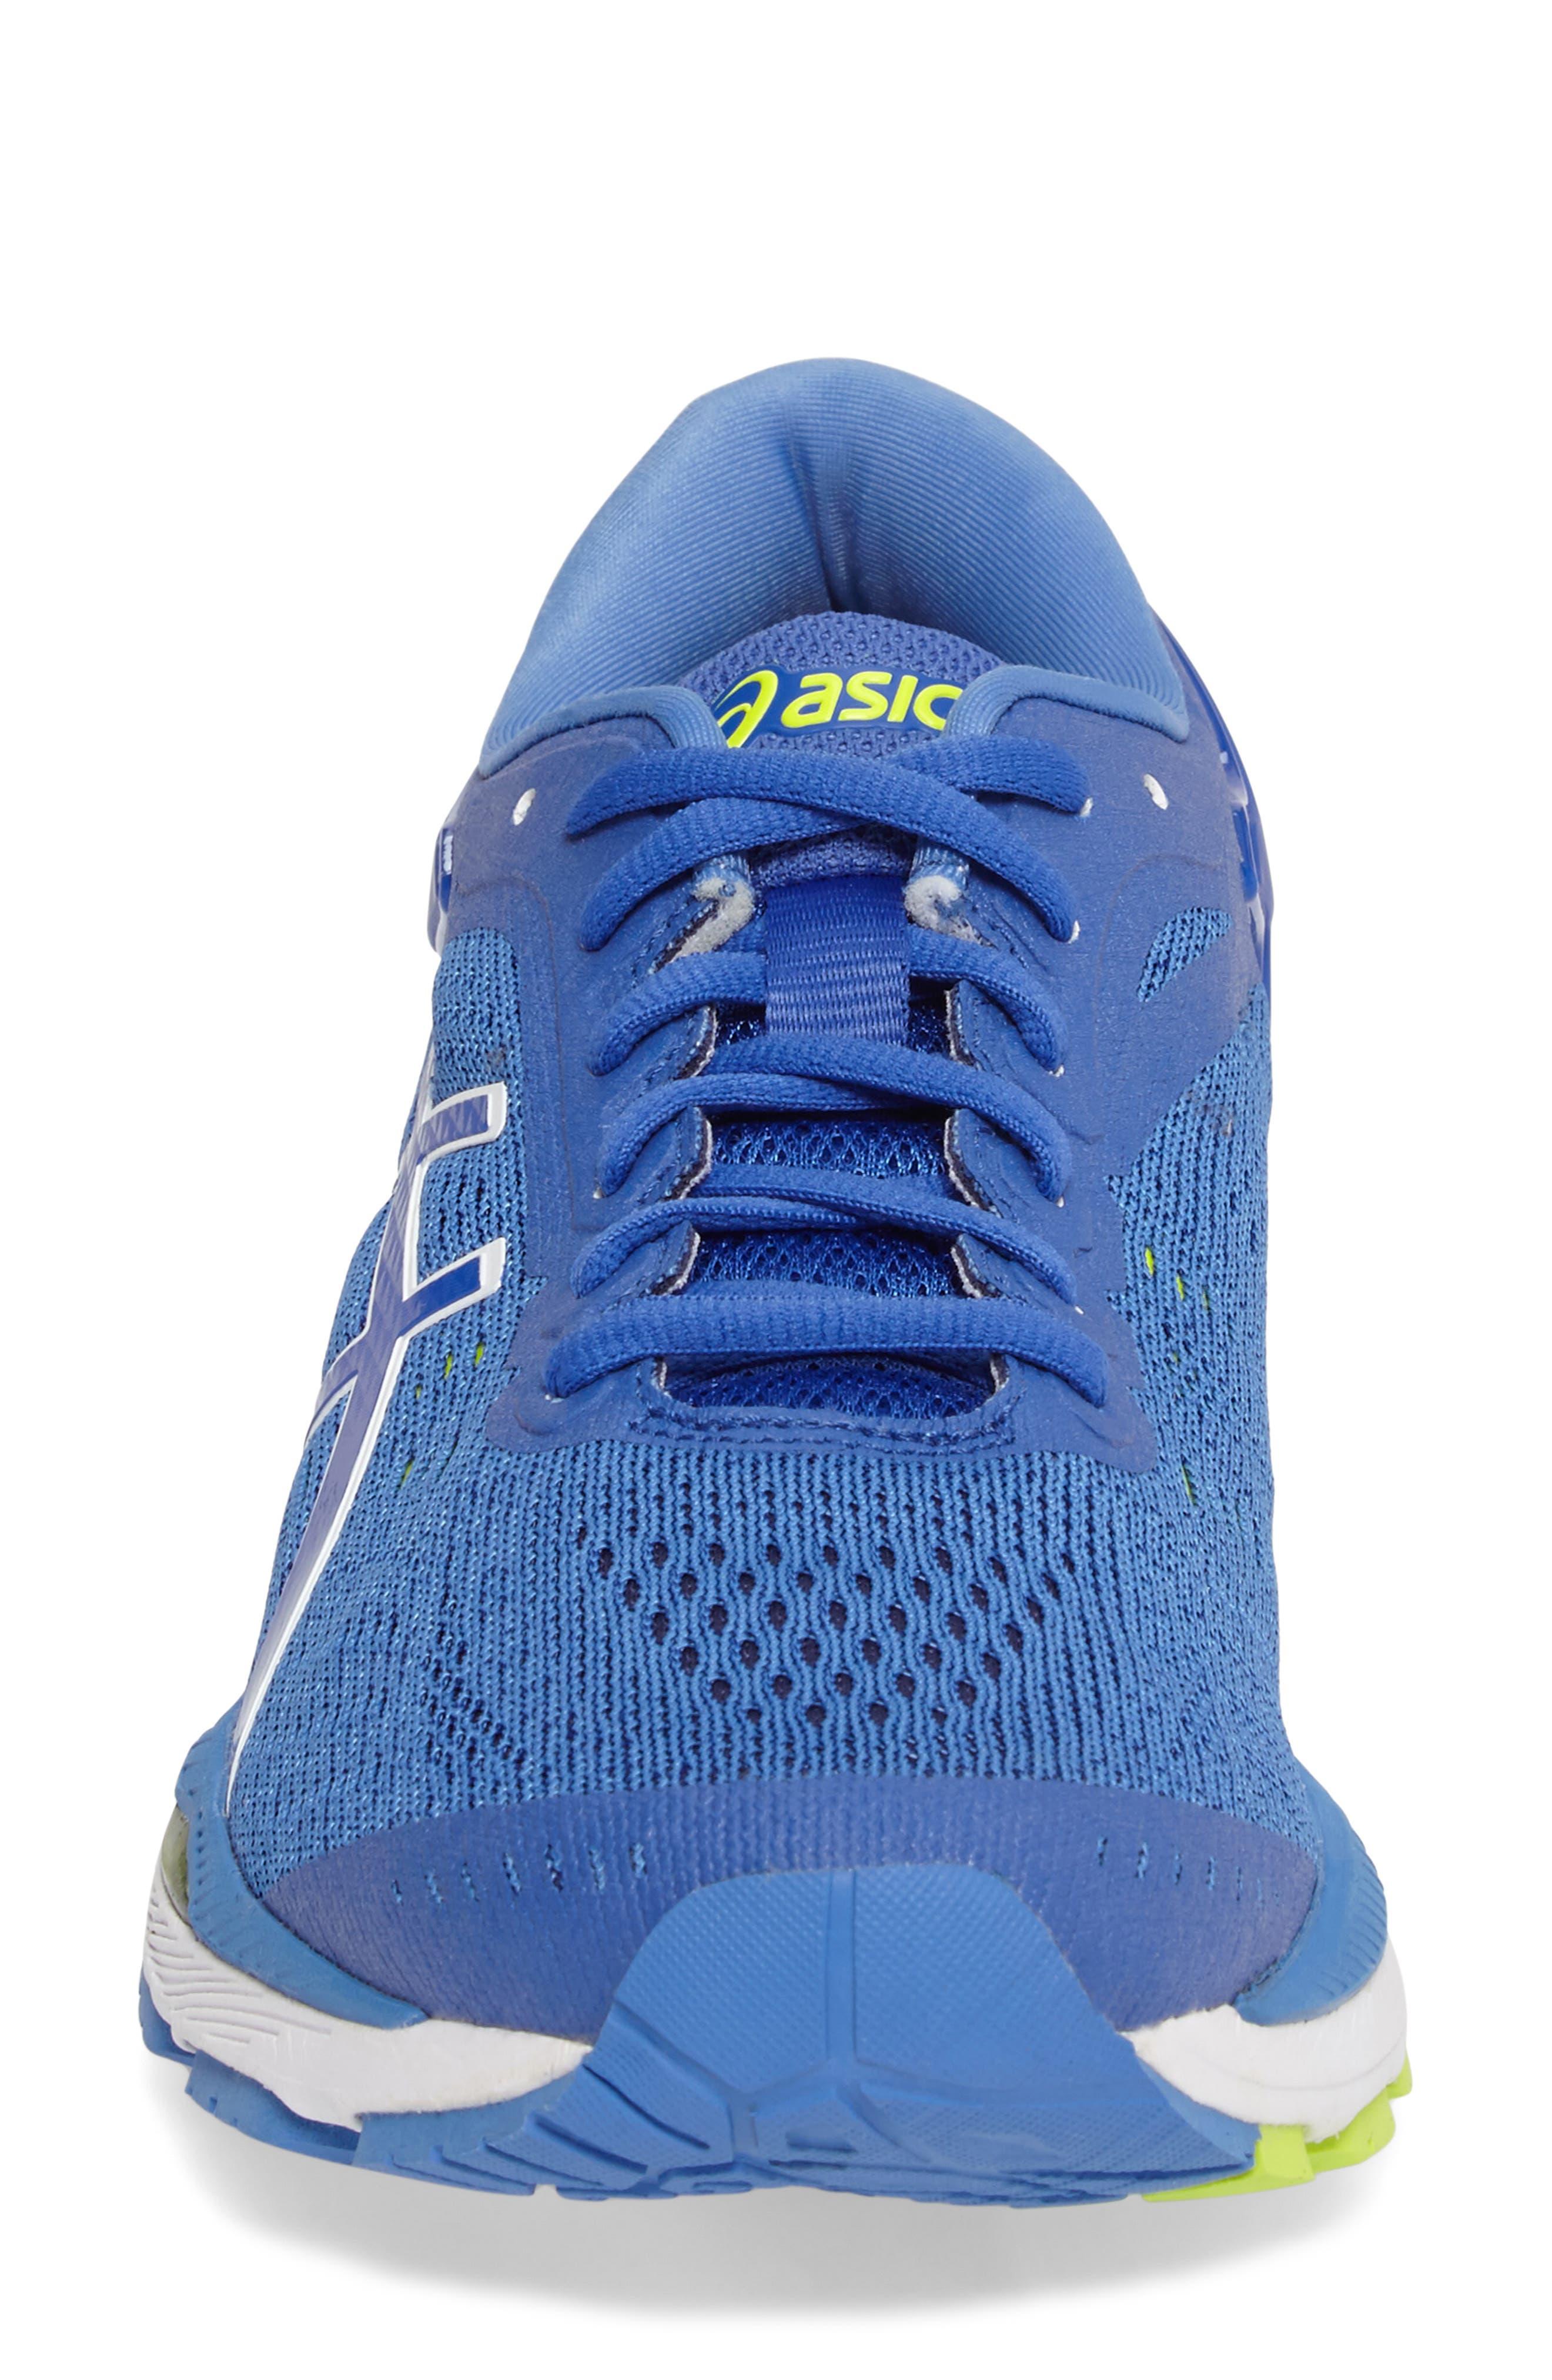 GEL-Kayano<sup>®</sup> 24 Running Shoe,                             Alternate thumbnail 4, color,                             Blue Purple/ Regatta/ White